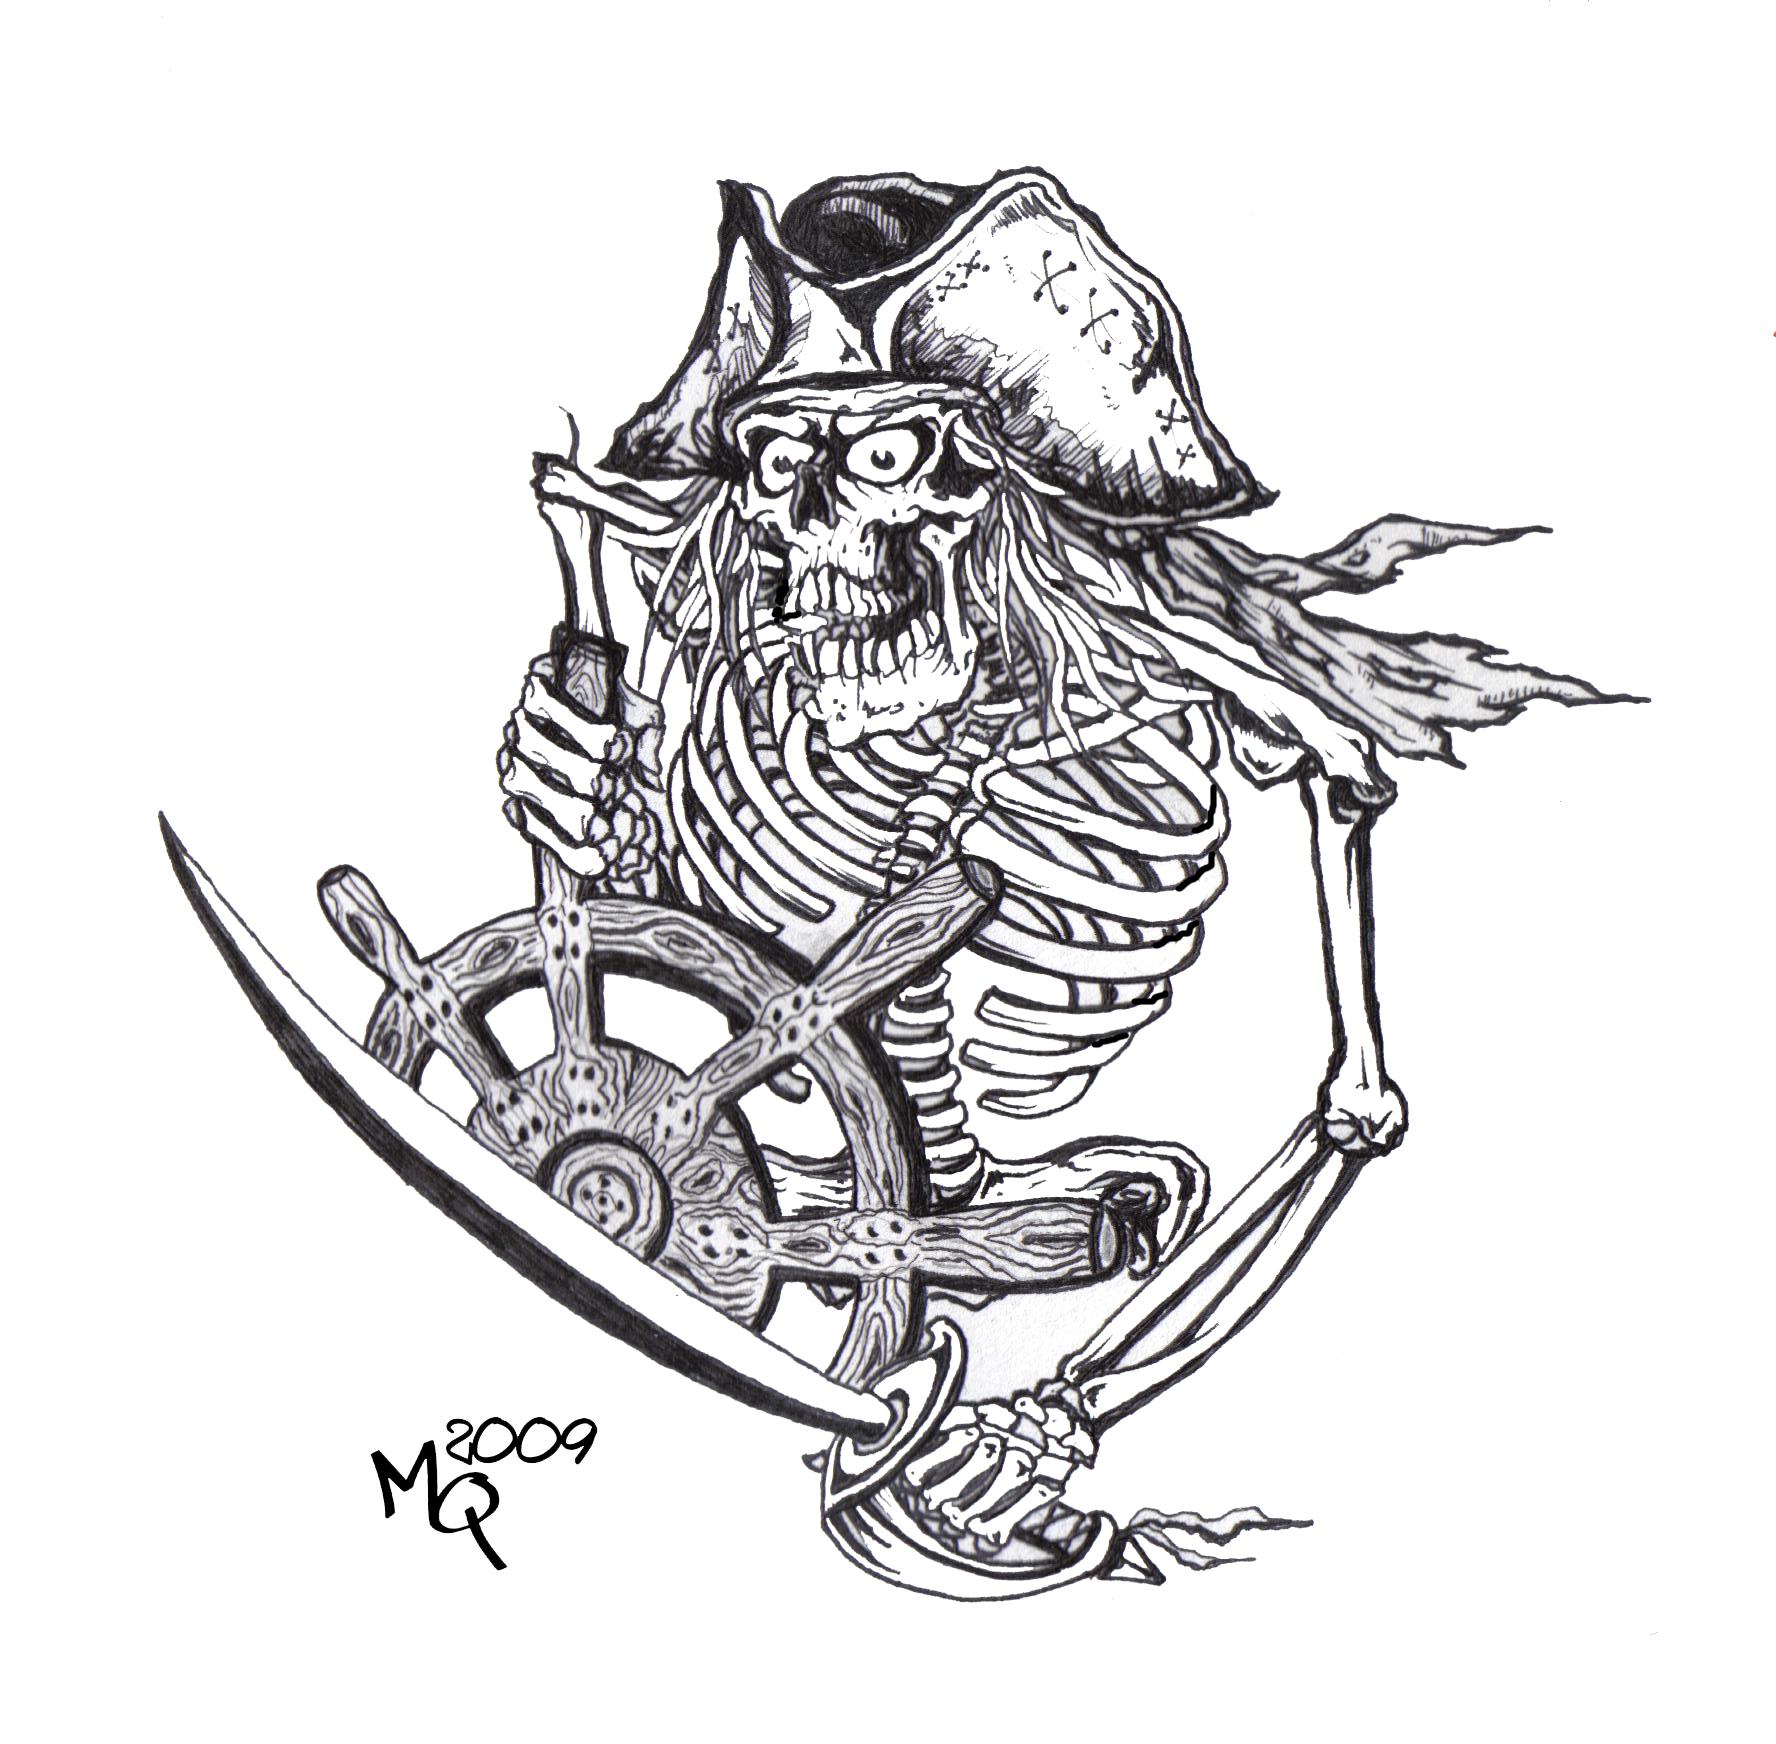 Drawn sleleton skeleton pirate By Helm QUINTdesigns at Skeleton